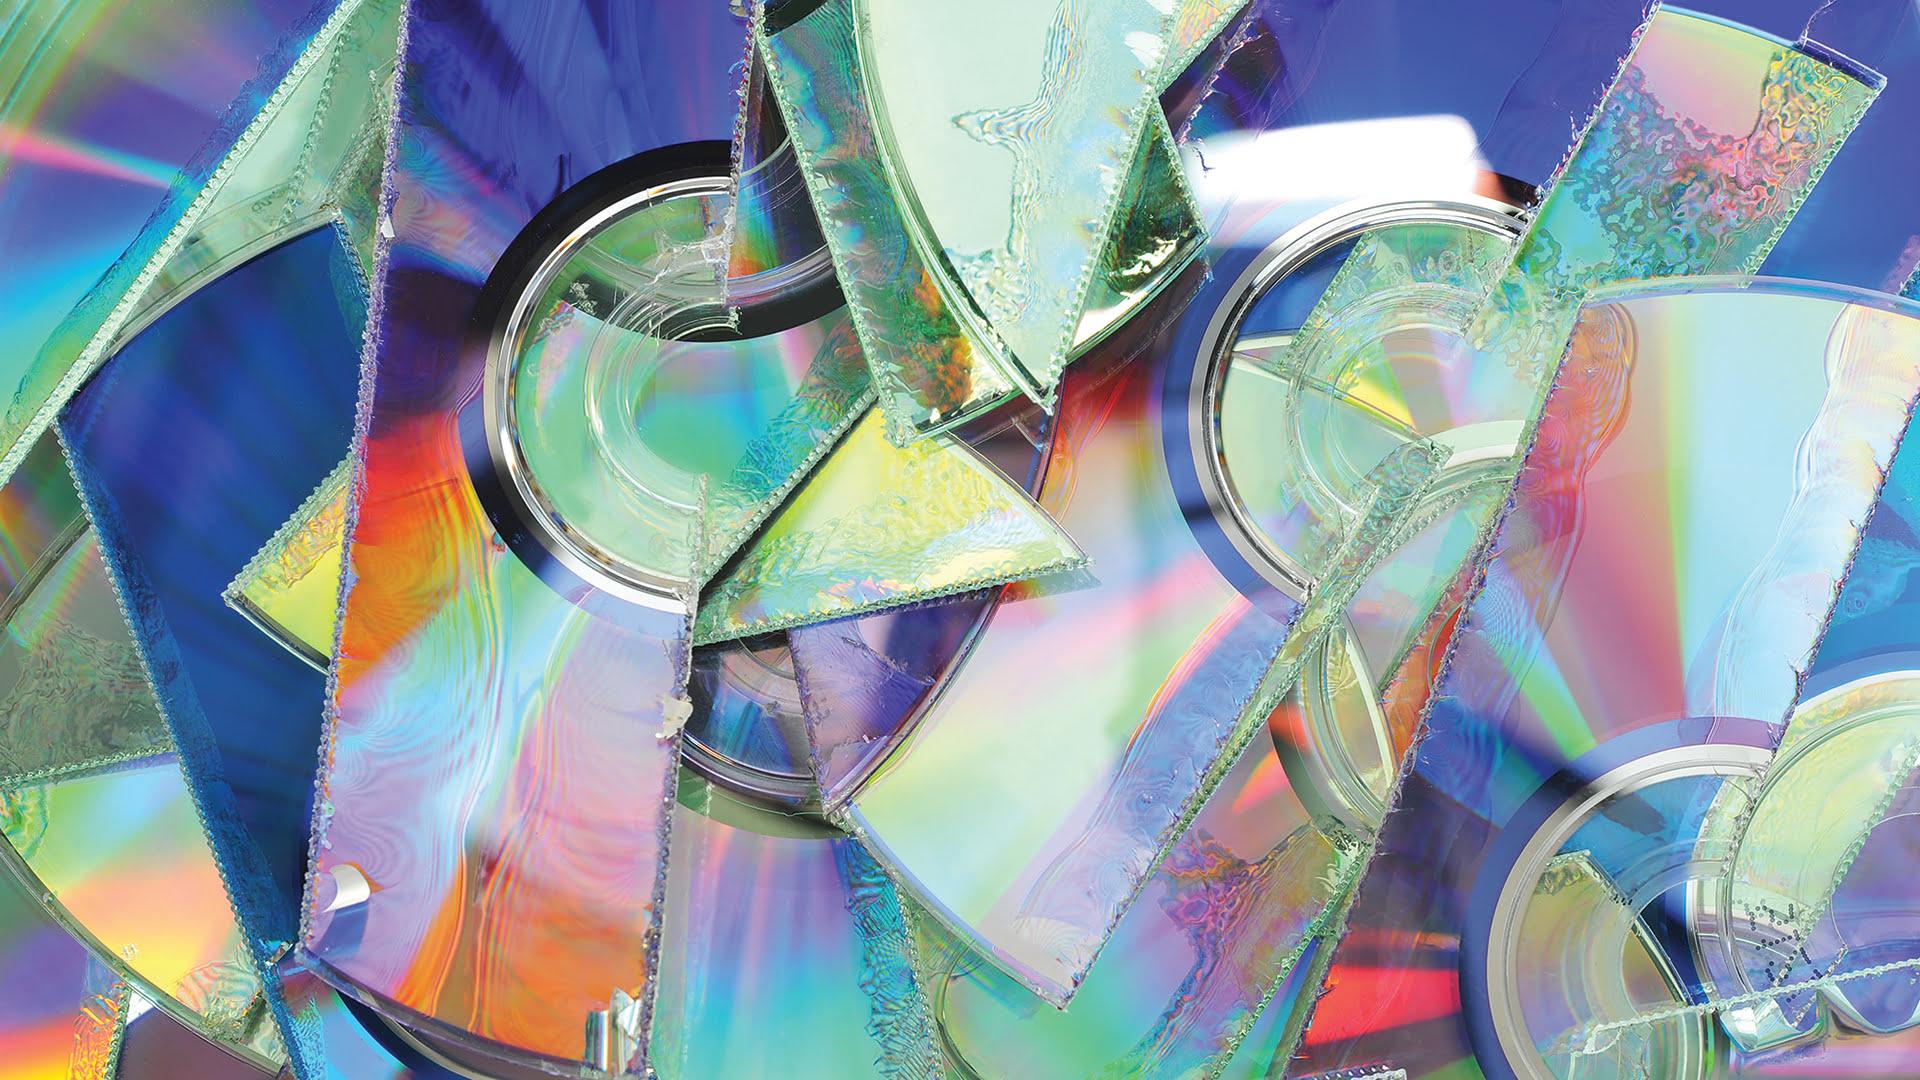 Shredded CDs